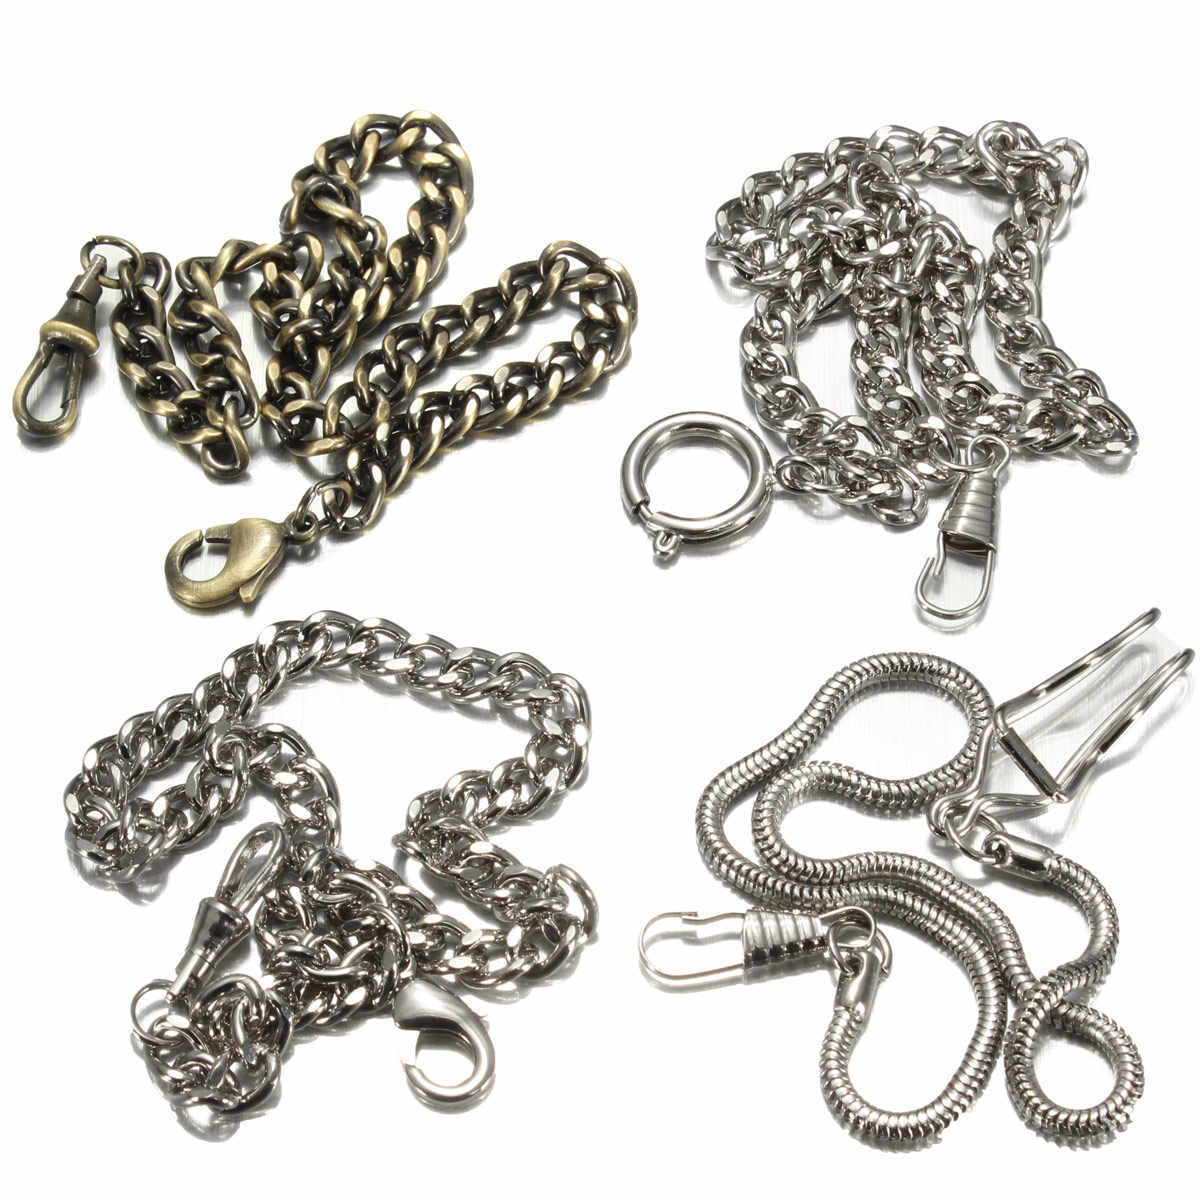 4 Types Bronze/argent Style Vintage montre de poche chaîne alliage montre de poche chaîne pour hommes femmes de haute qualité nouveau